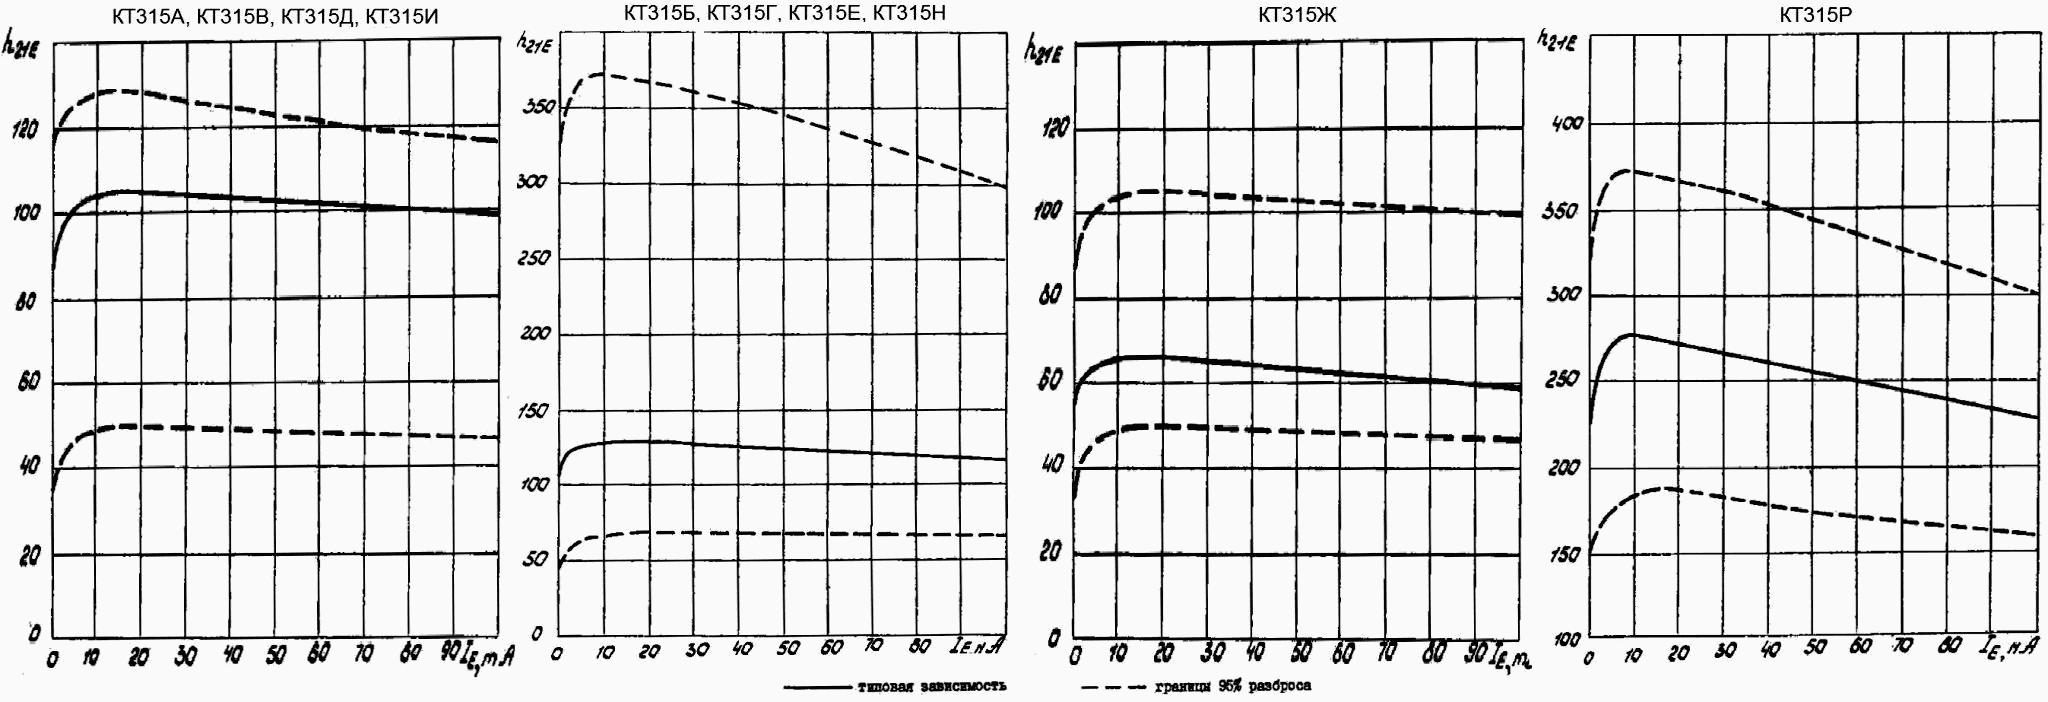 Зависимость статического коэффициента передачи тока от постоянного тока эмиттера для транзисторов КТ315